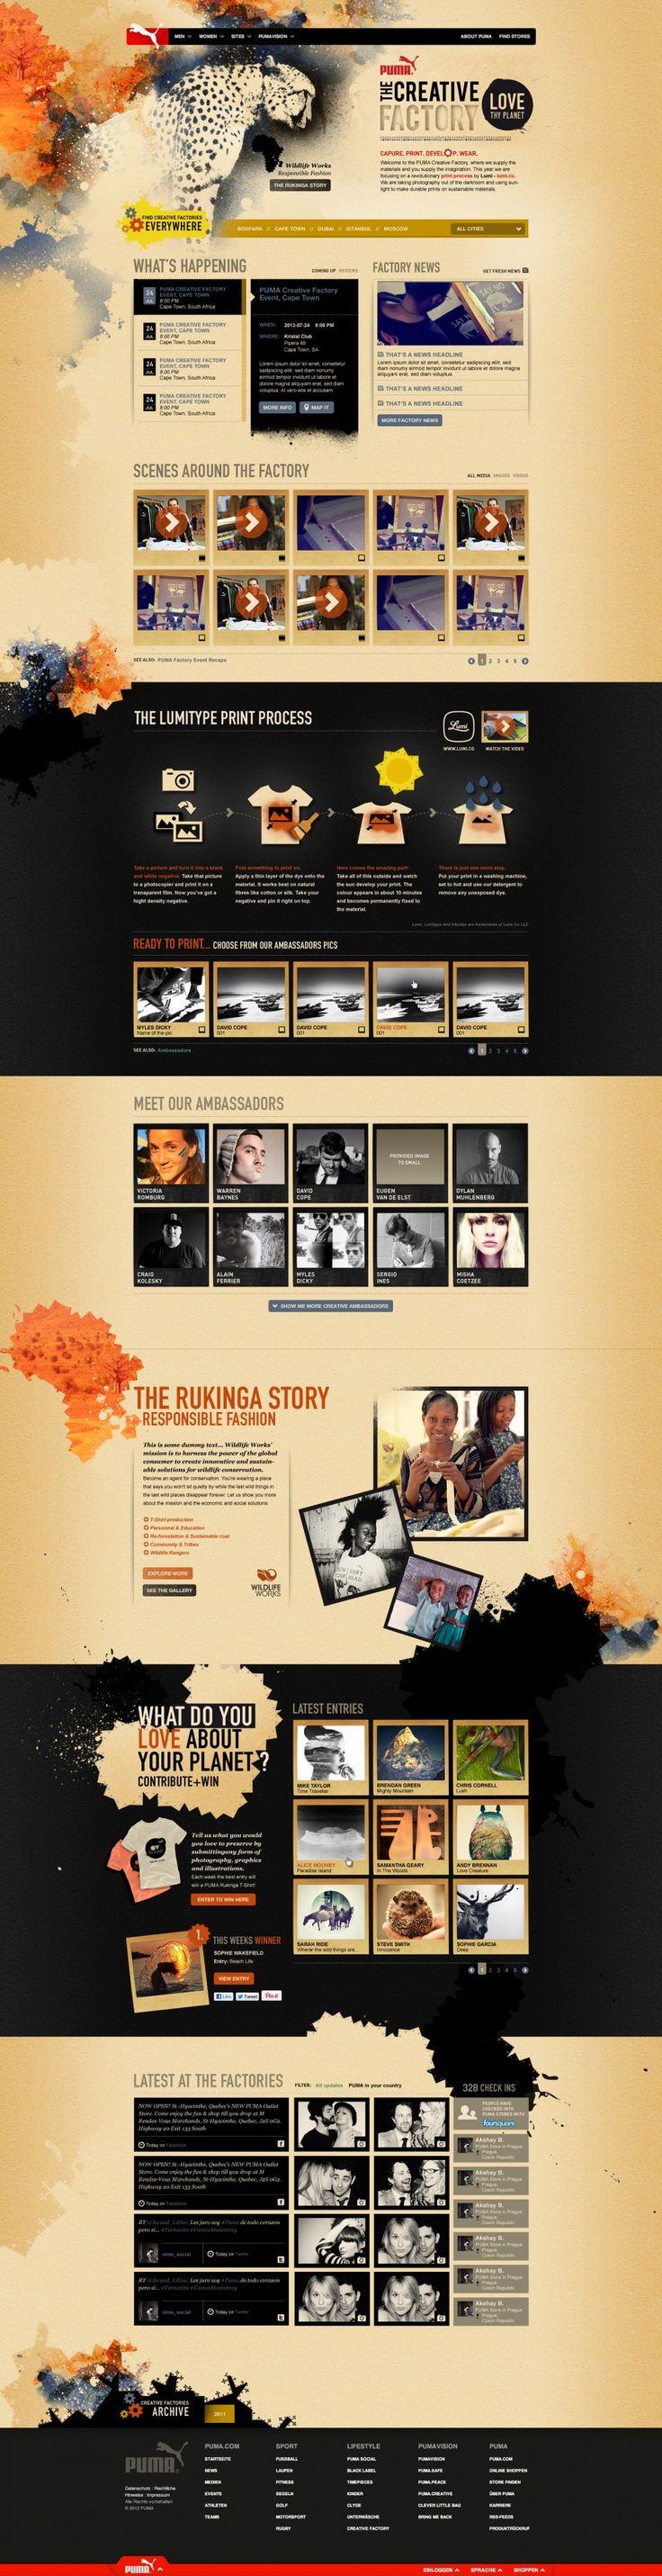 Cool Web Design on the Internet, Puma. #webdesign #webdevelopment #website @ http://www.pinterest.com/alfredchong/web-design/